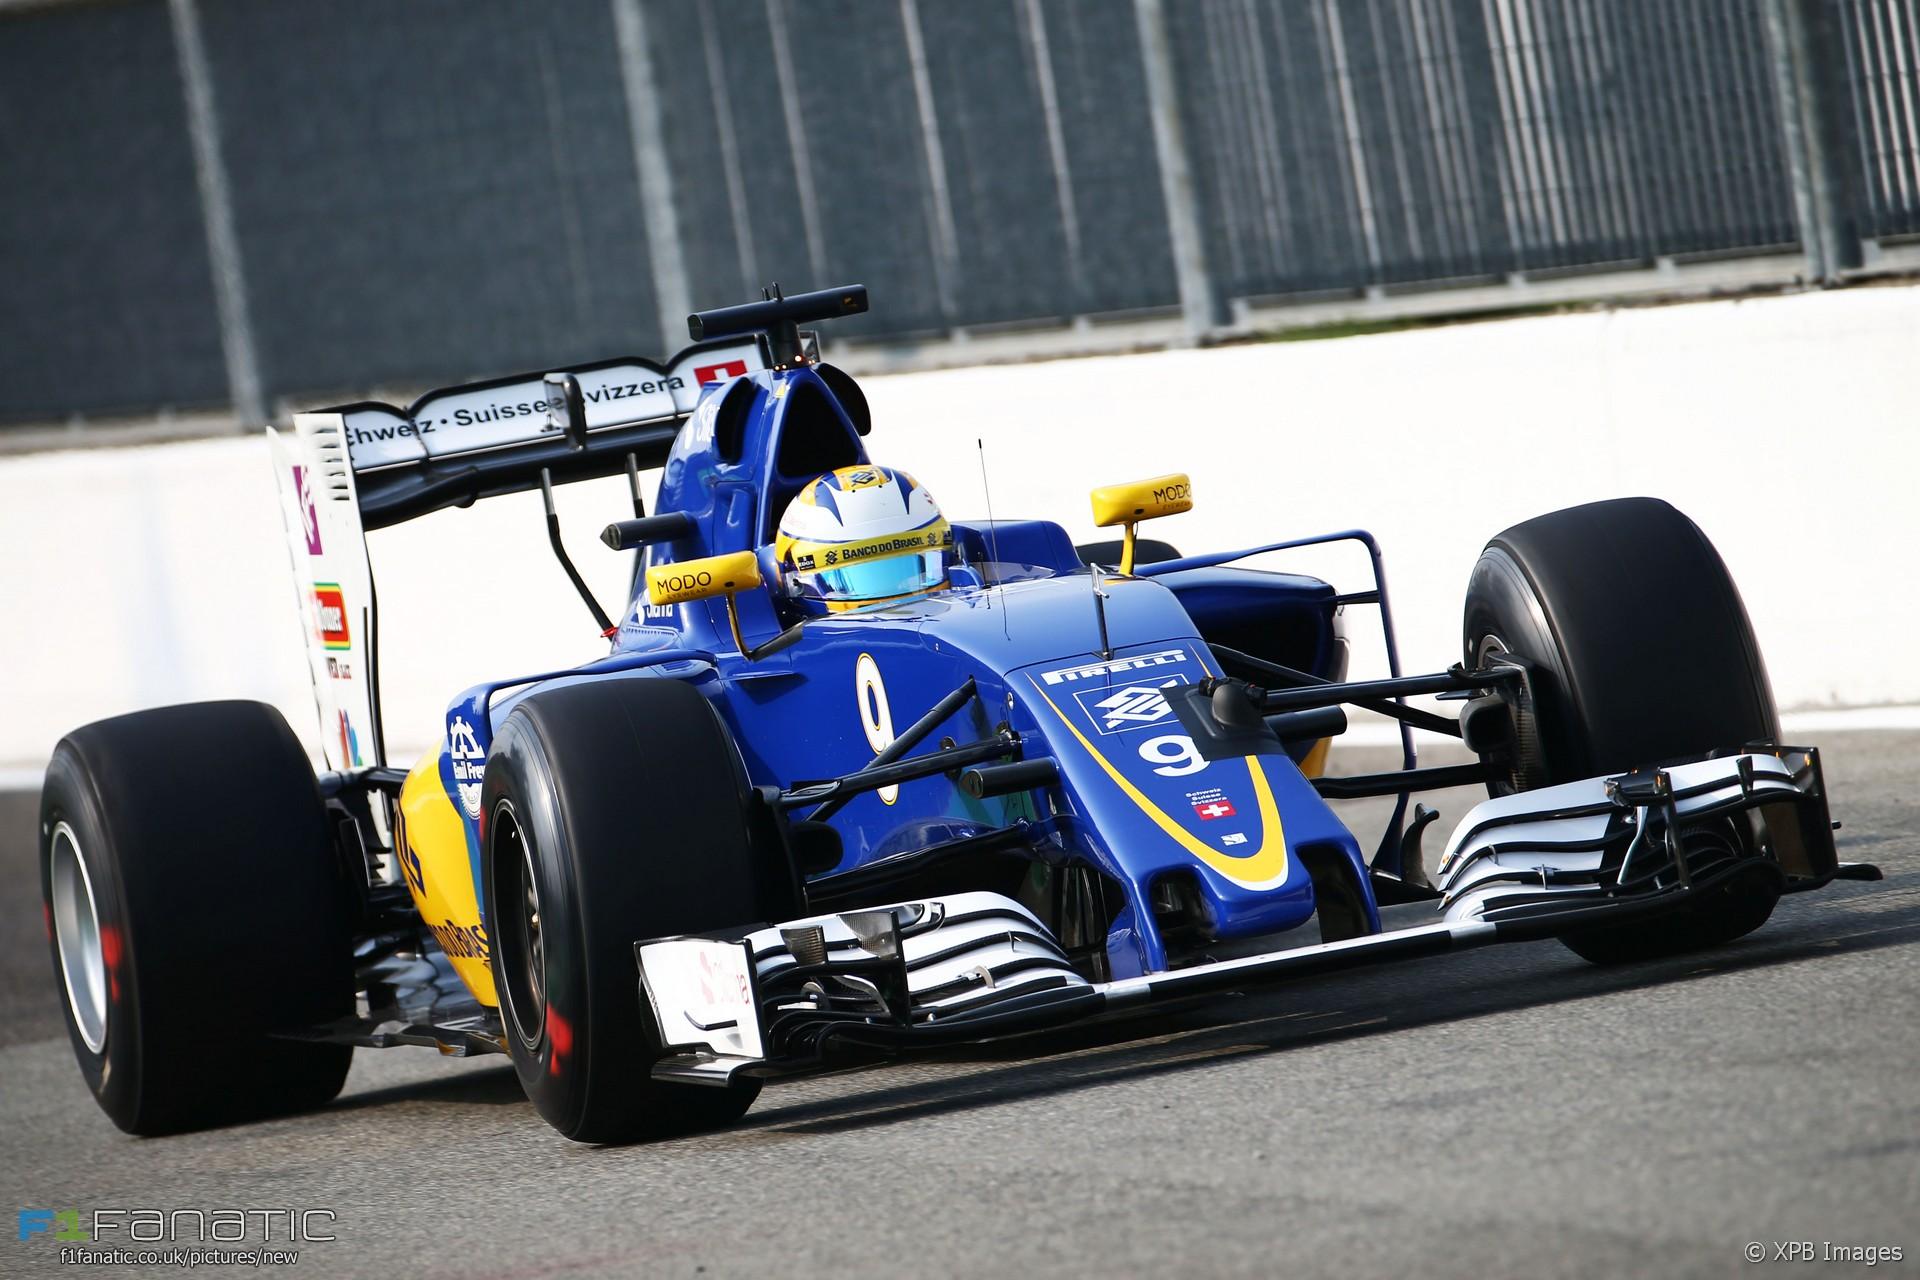 Ericsson Monza